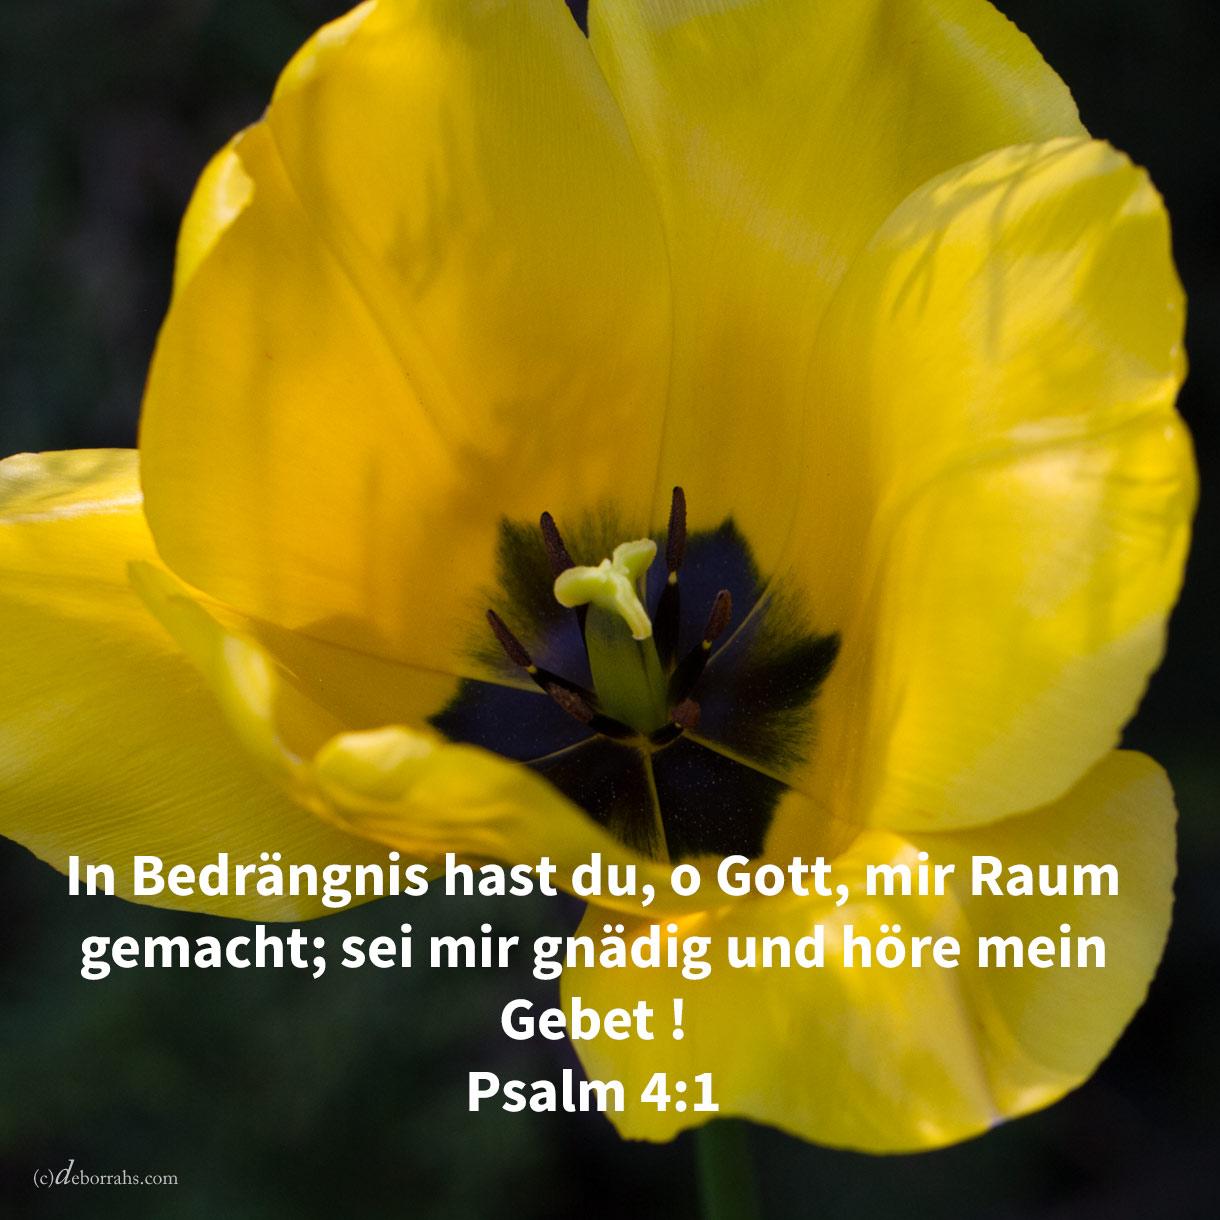 In Bedrängnis hast du, o Gott, mir Raum gemacht; sei mir gnädig und höre mein Gebet ! ( Psalm 4,1 )